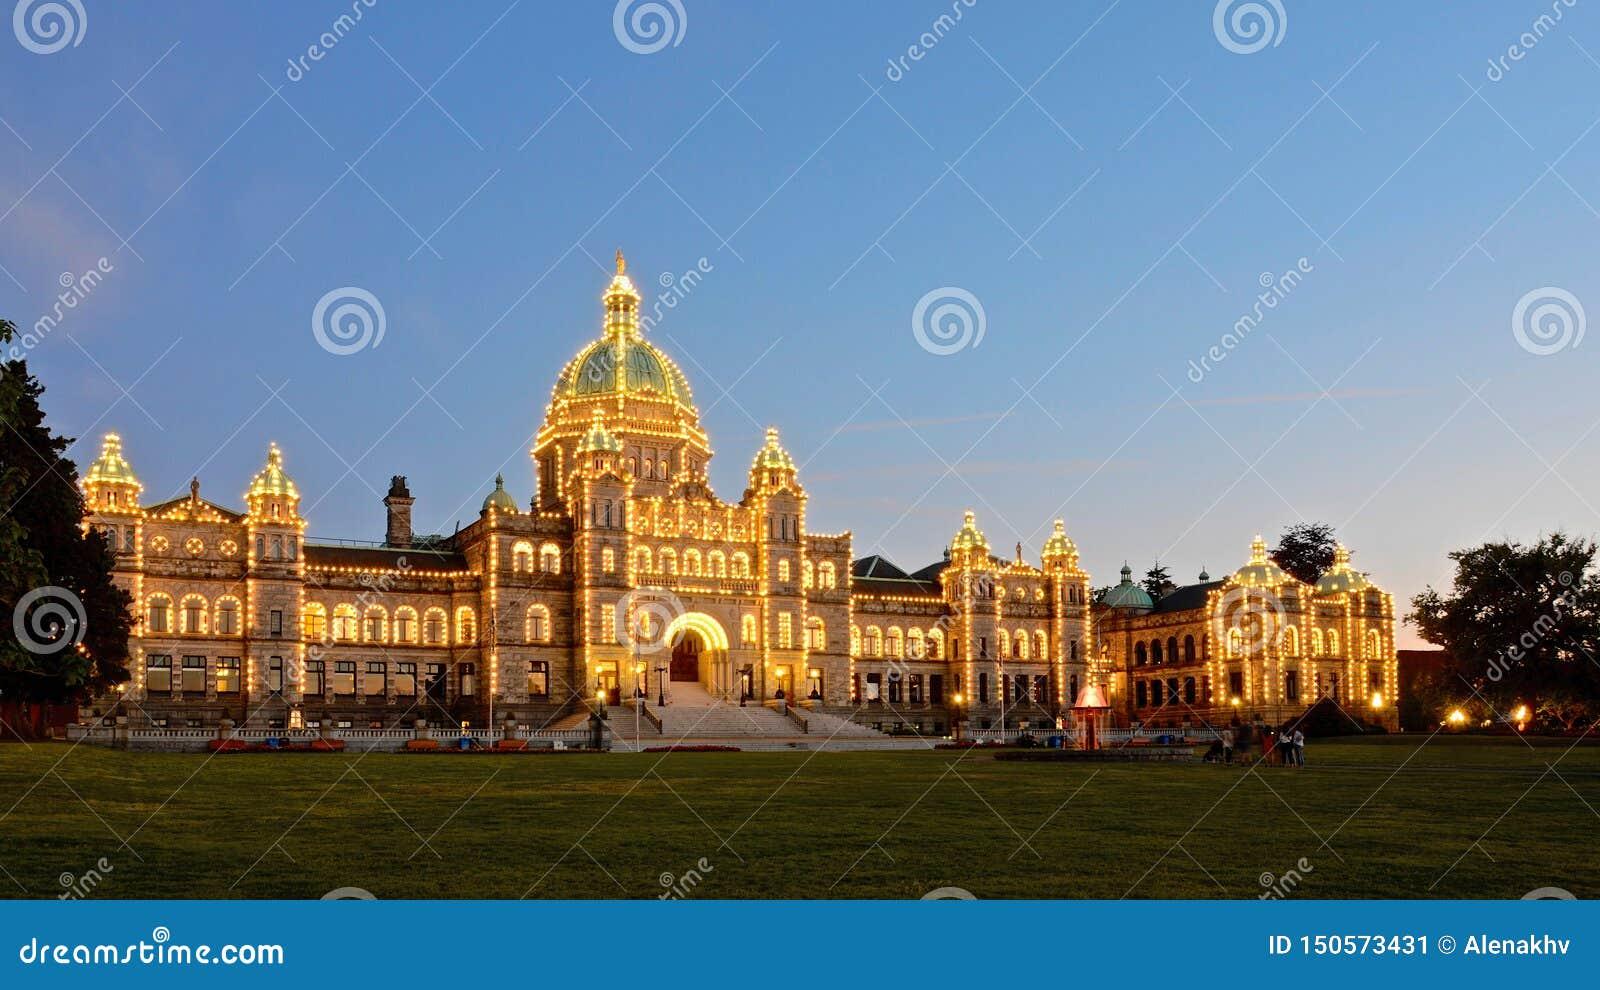 La iluminación de la noche del edificio del parlamento de la Columbia Británica subraya su arquitectura histórica asombrosa